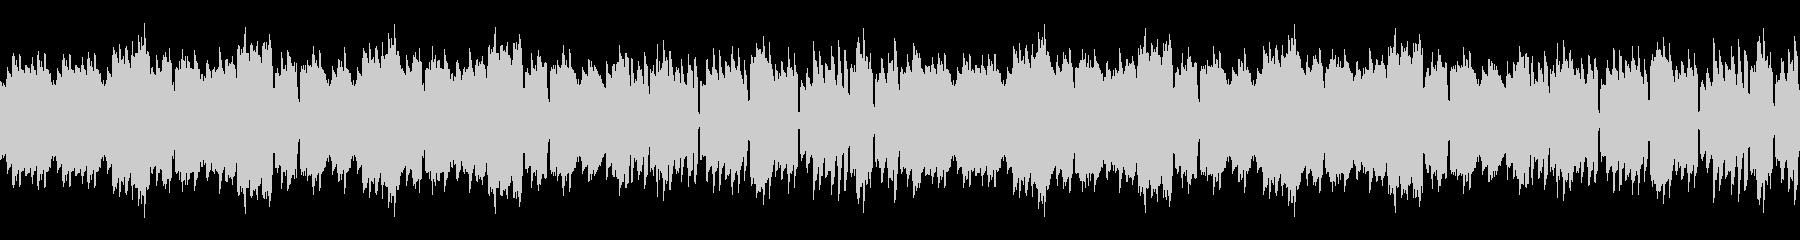 神秘的なAadd9のアルペジオの未再生の波形